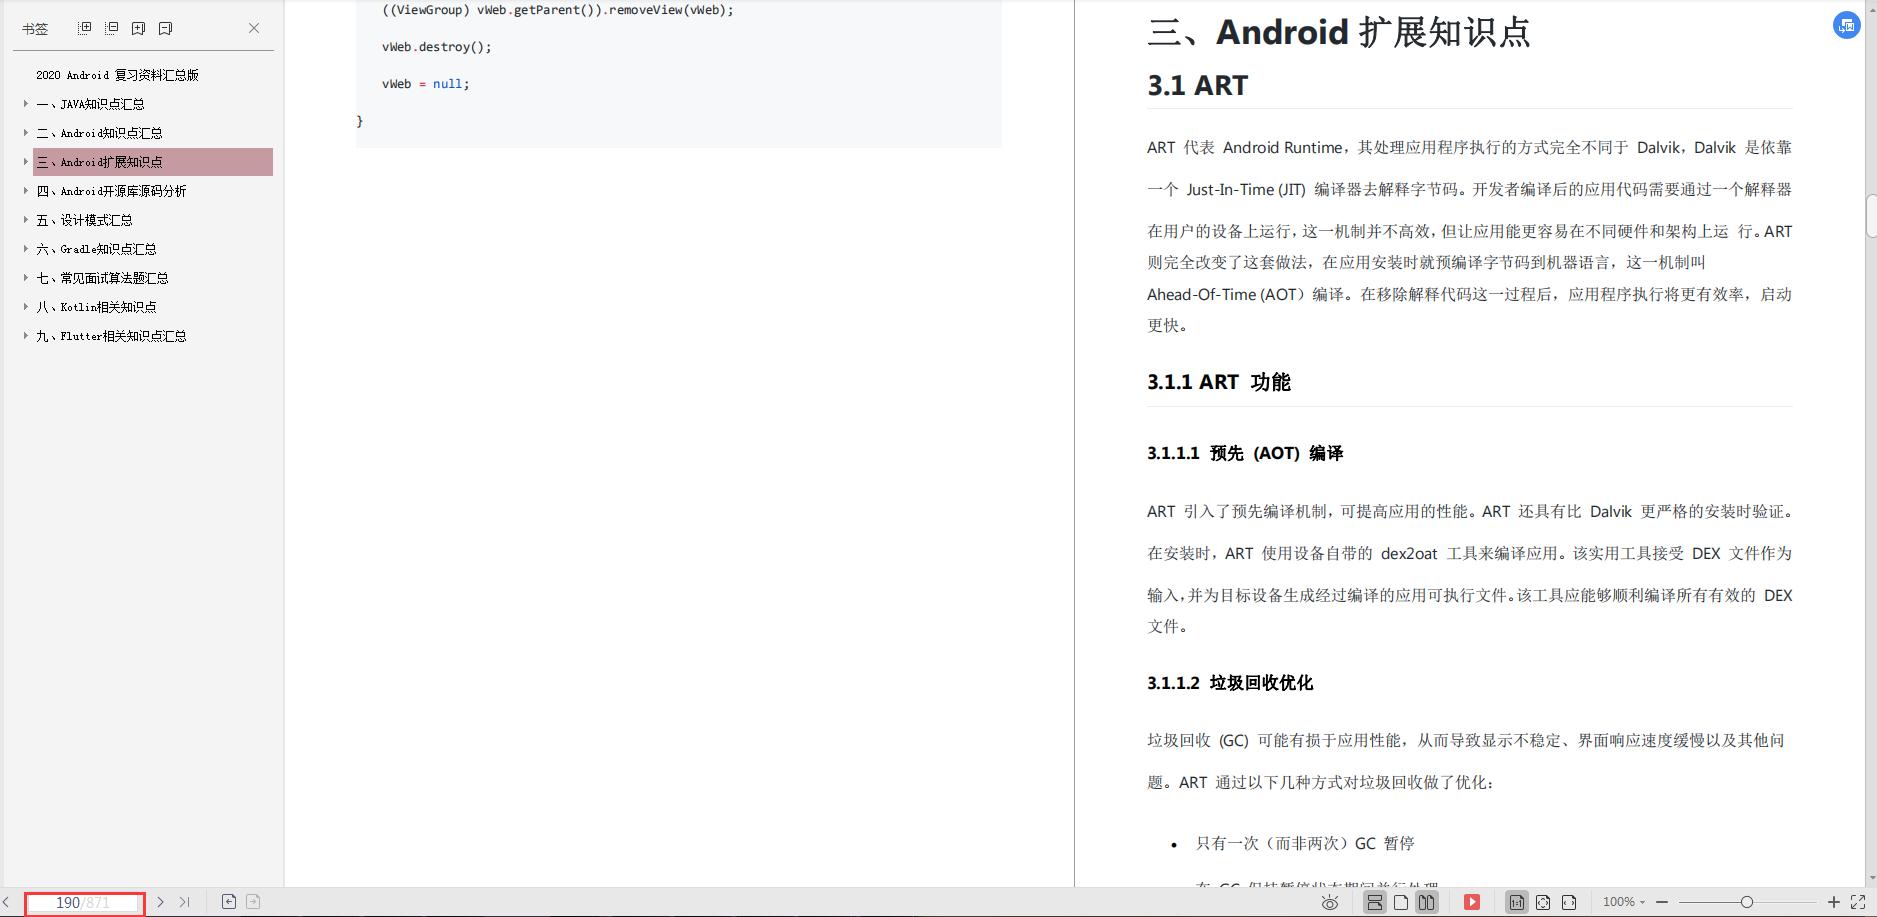 第三章 Android 扩展知识点汇总